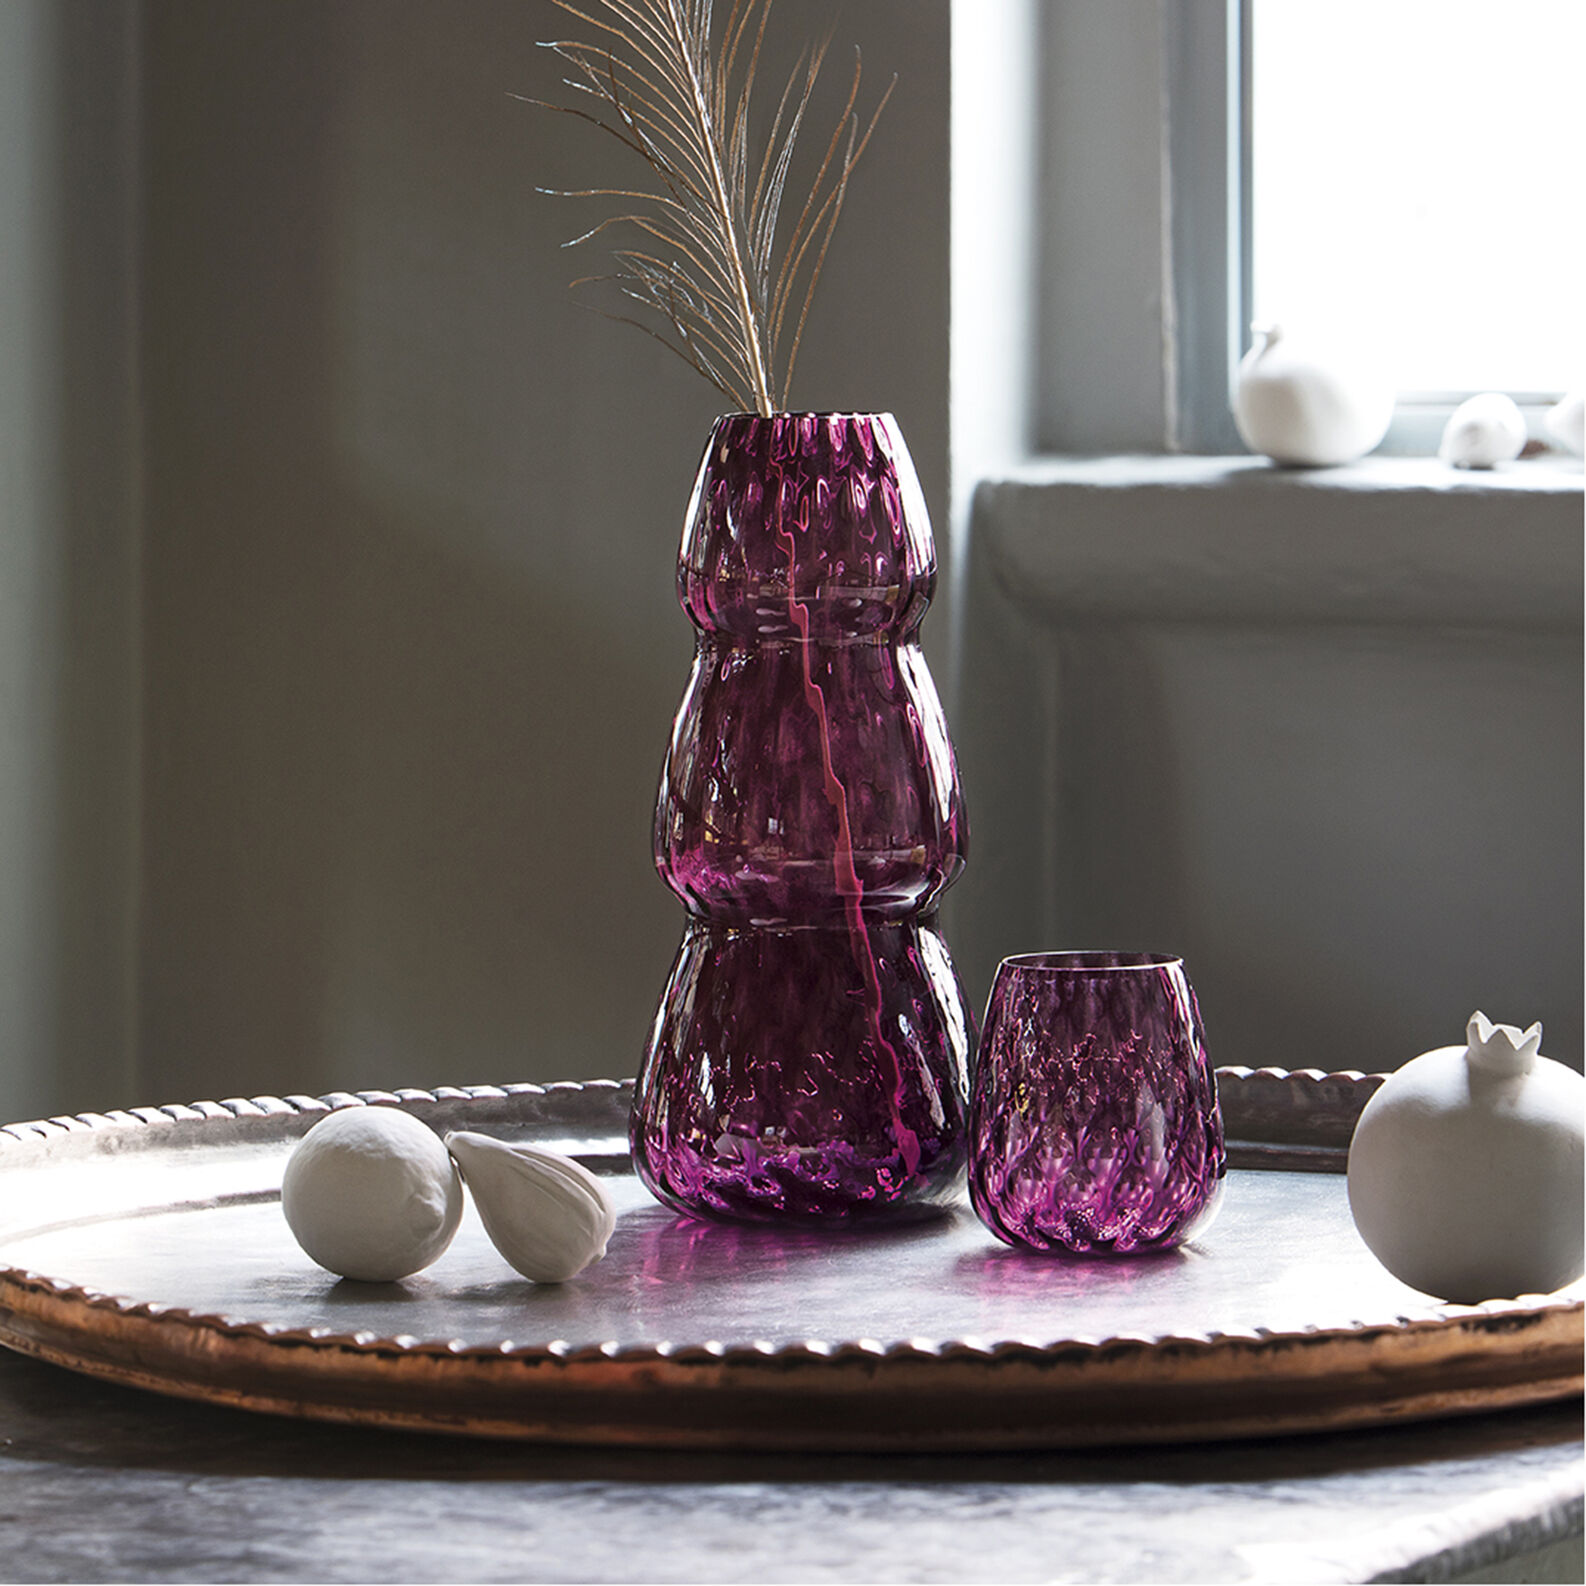 Glass in original Murano Glass Ola by Lanzavecchia + Wai